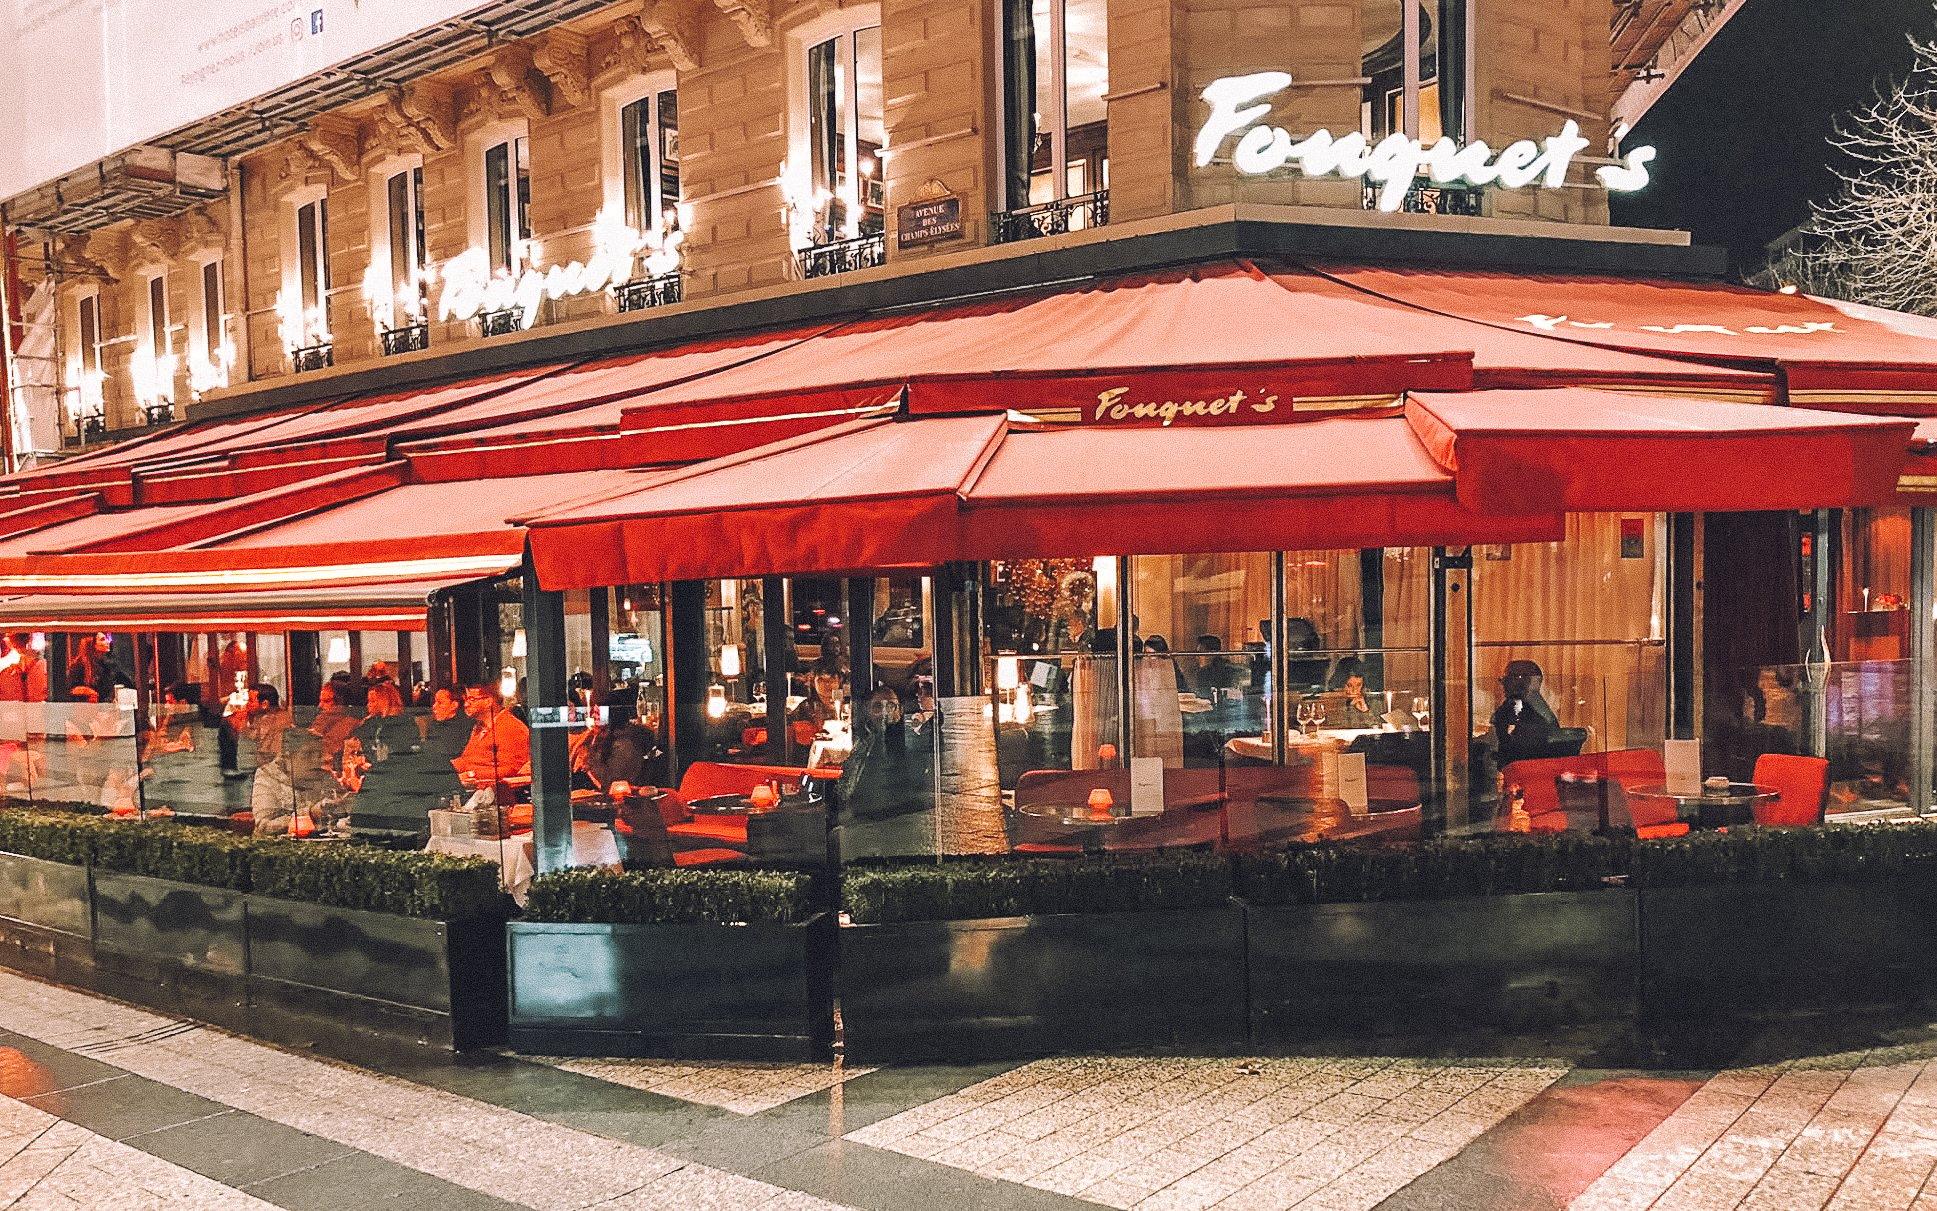 Exterior of halal restaurant Le Fouquet